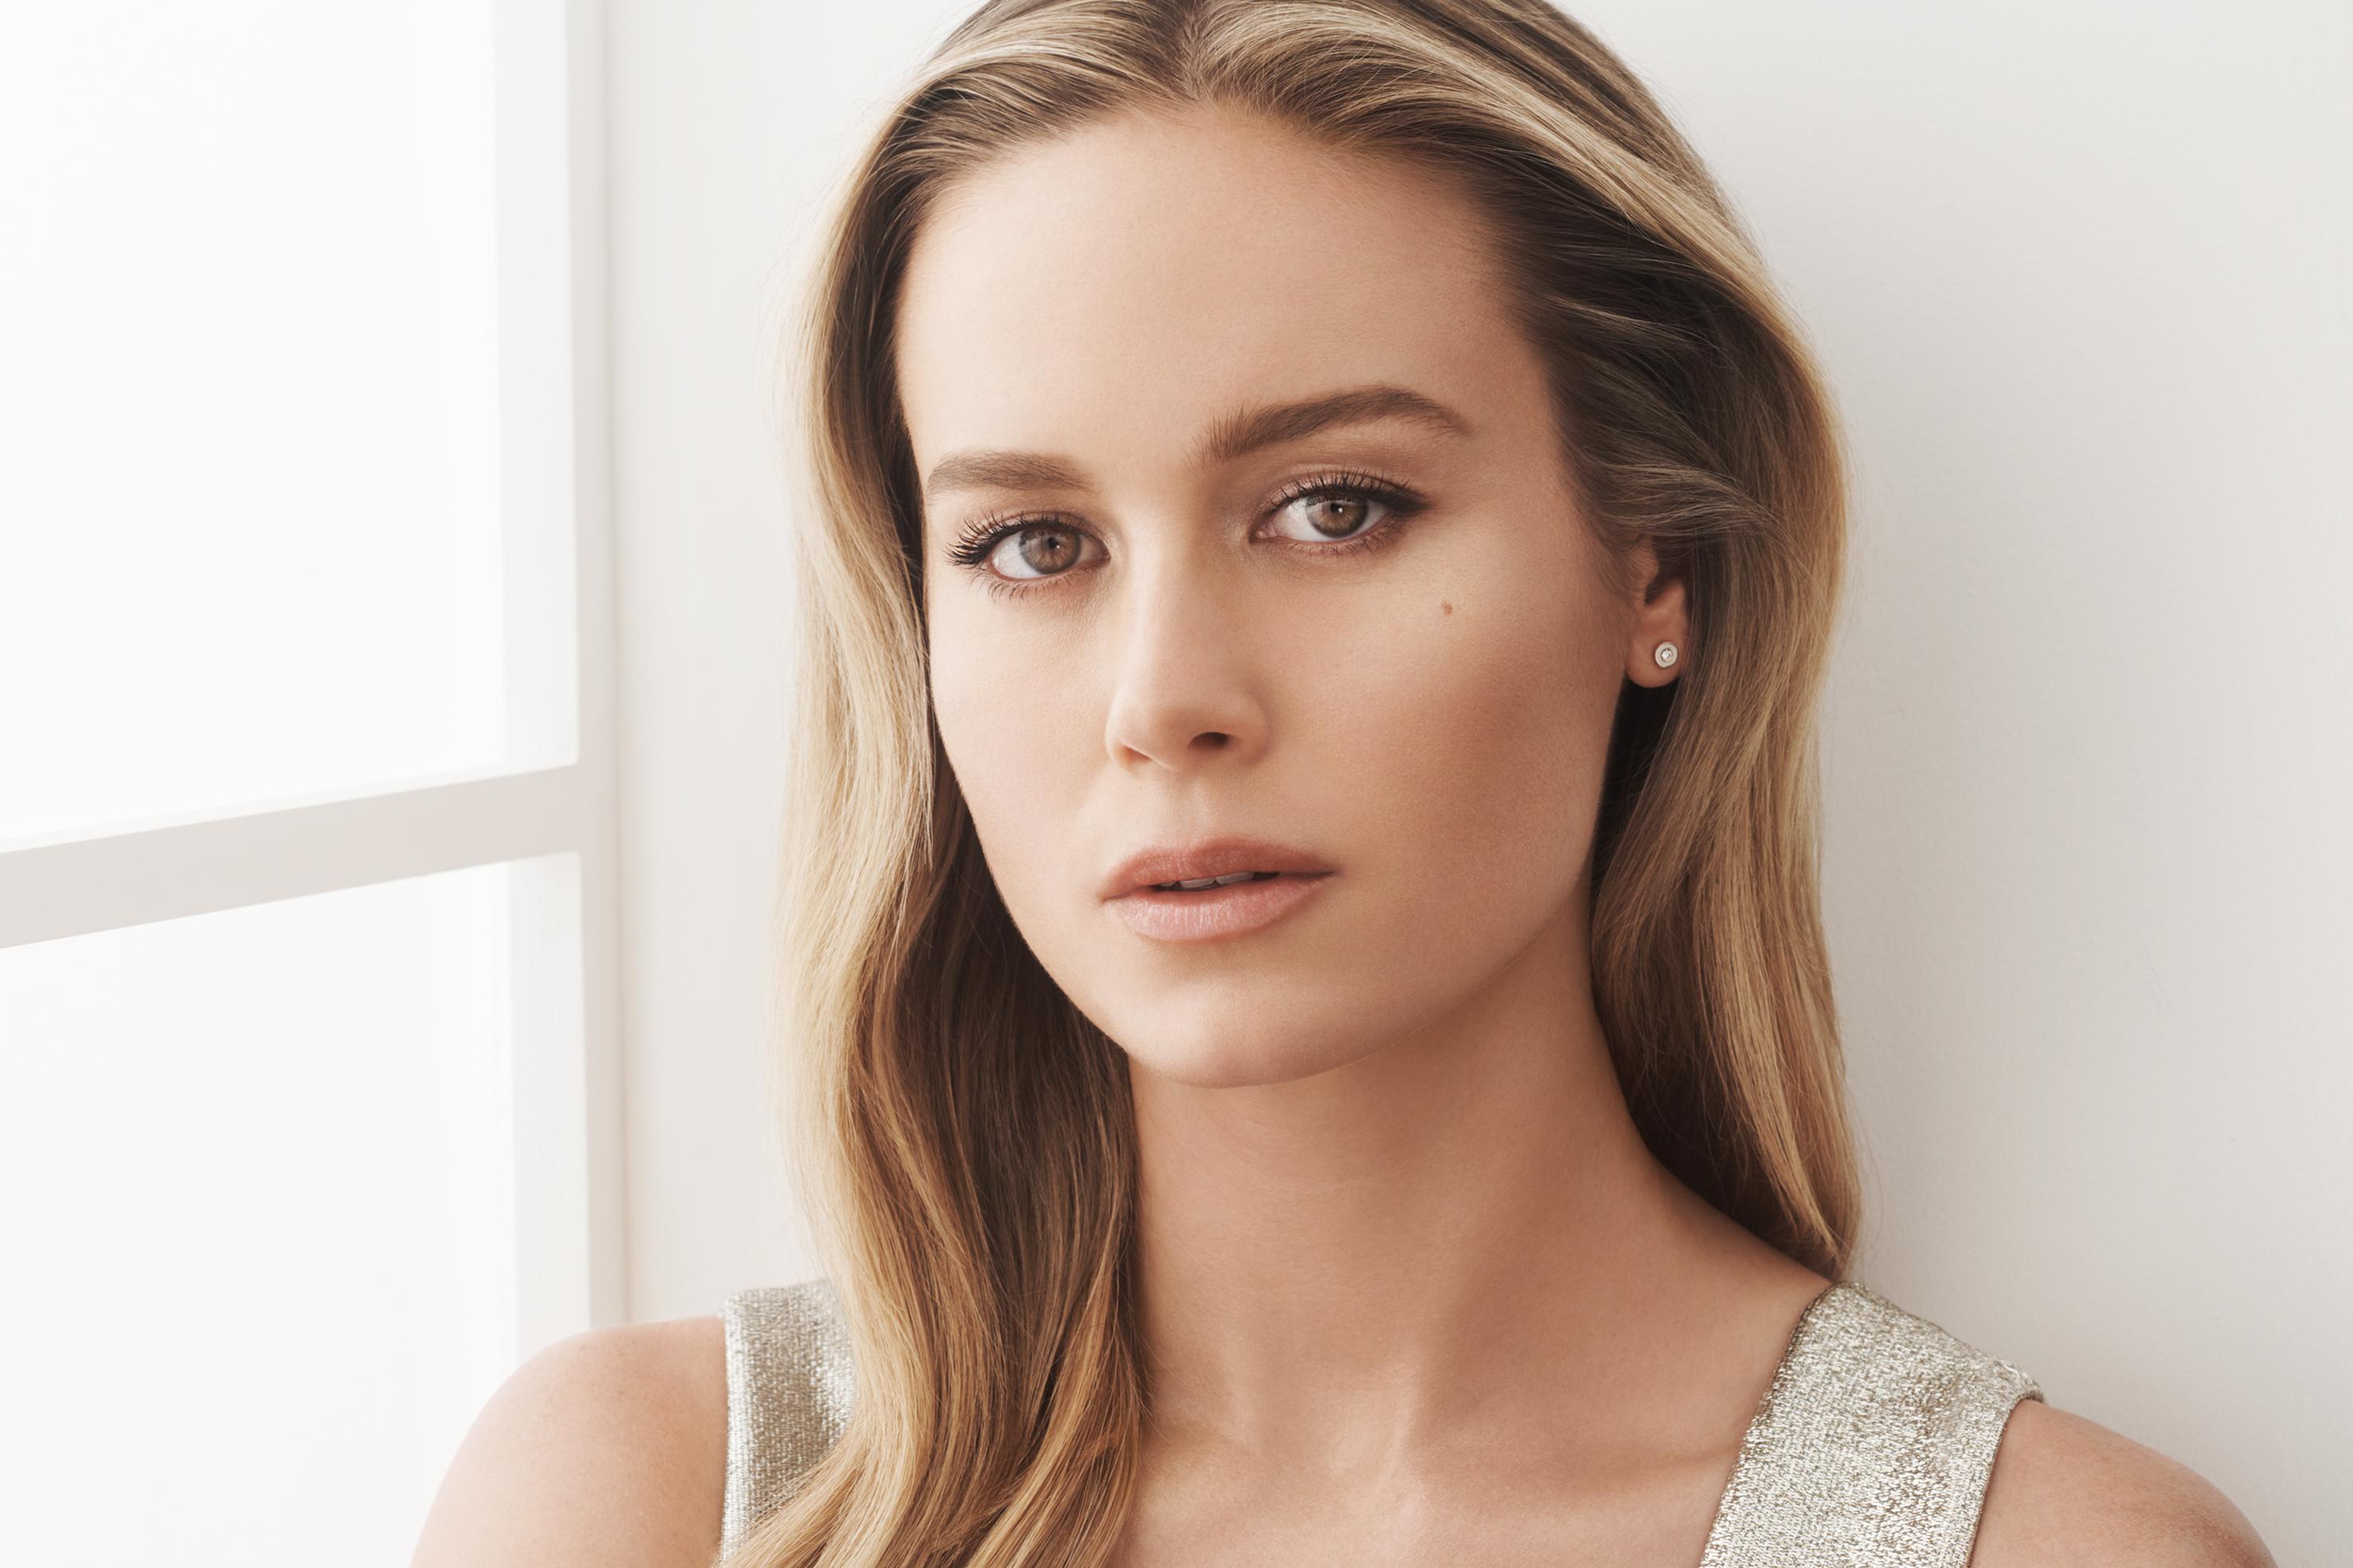 Decorté Brie Larson